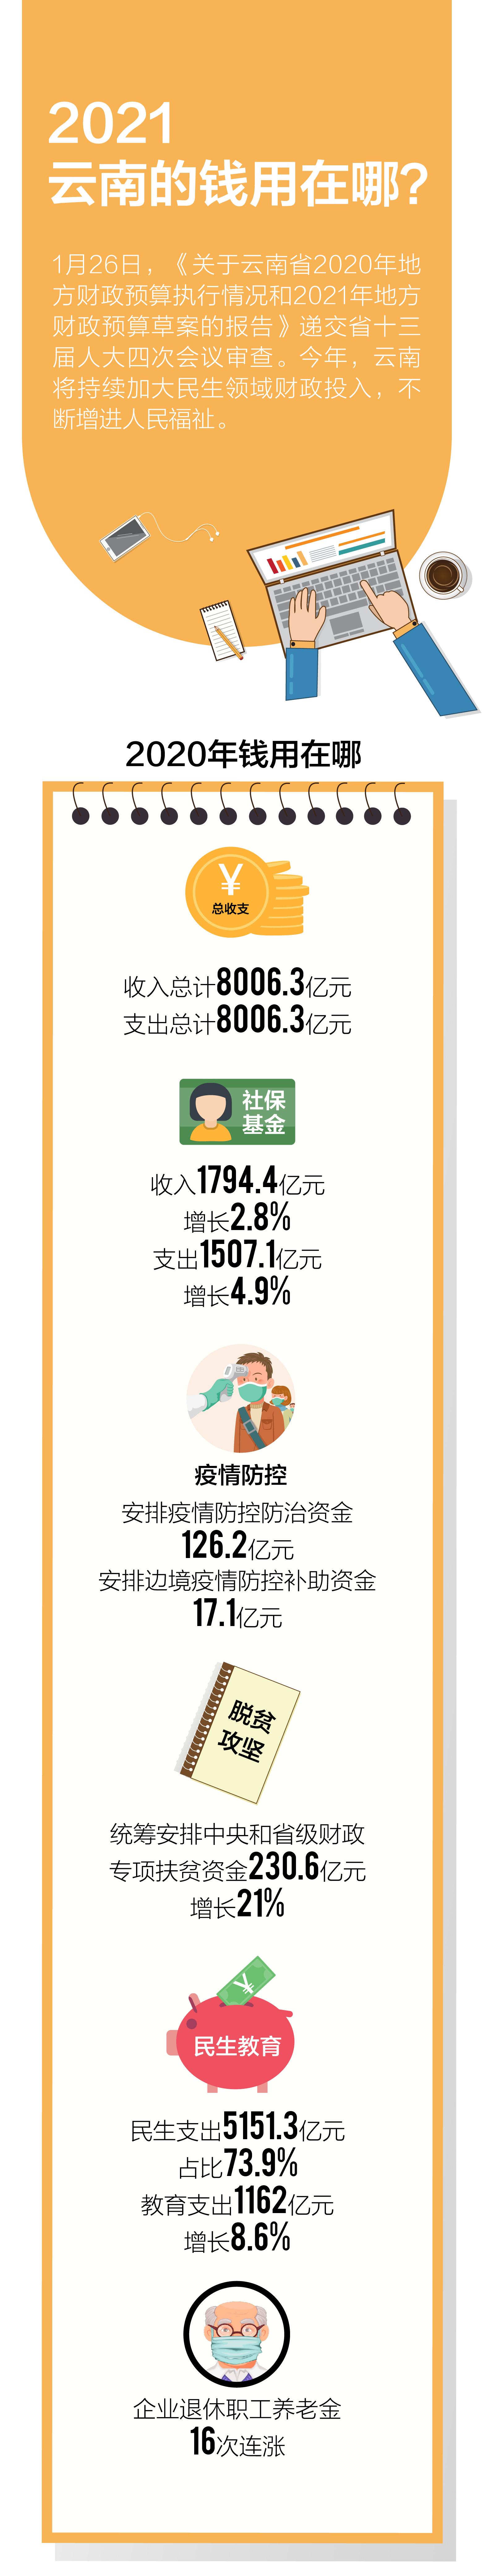 开屏图解 2021,云南的钱用在哪?